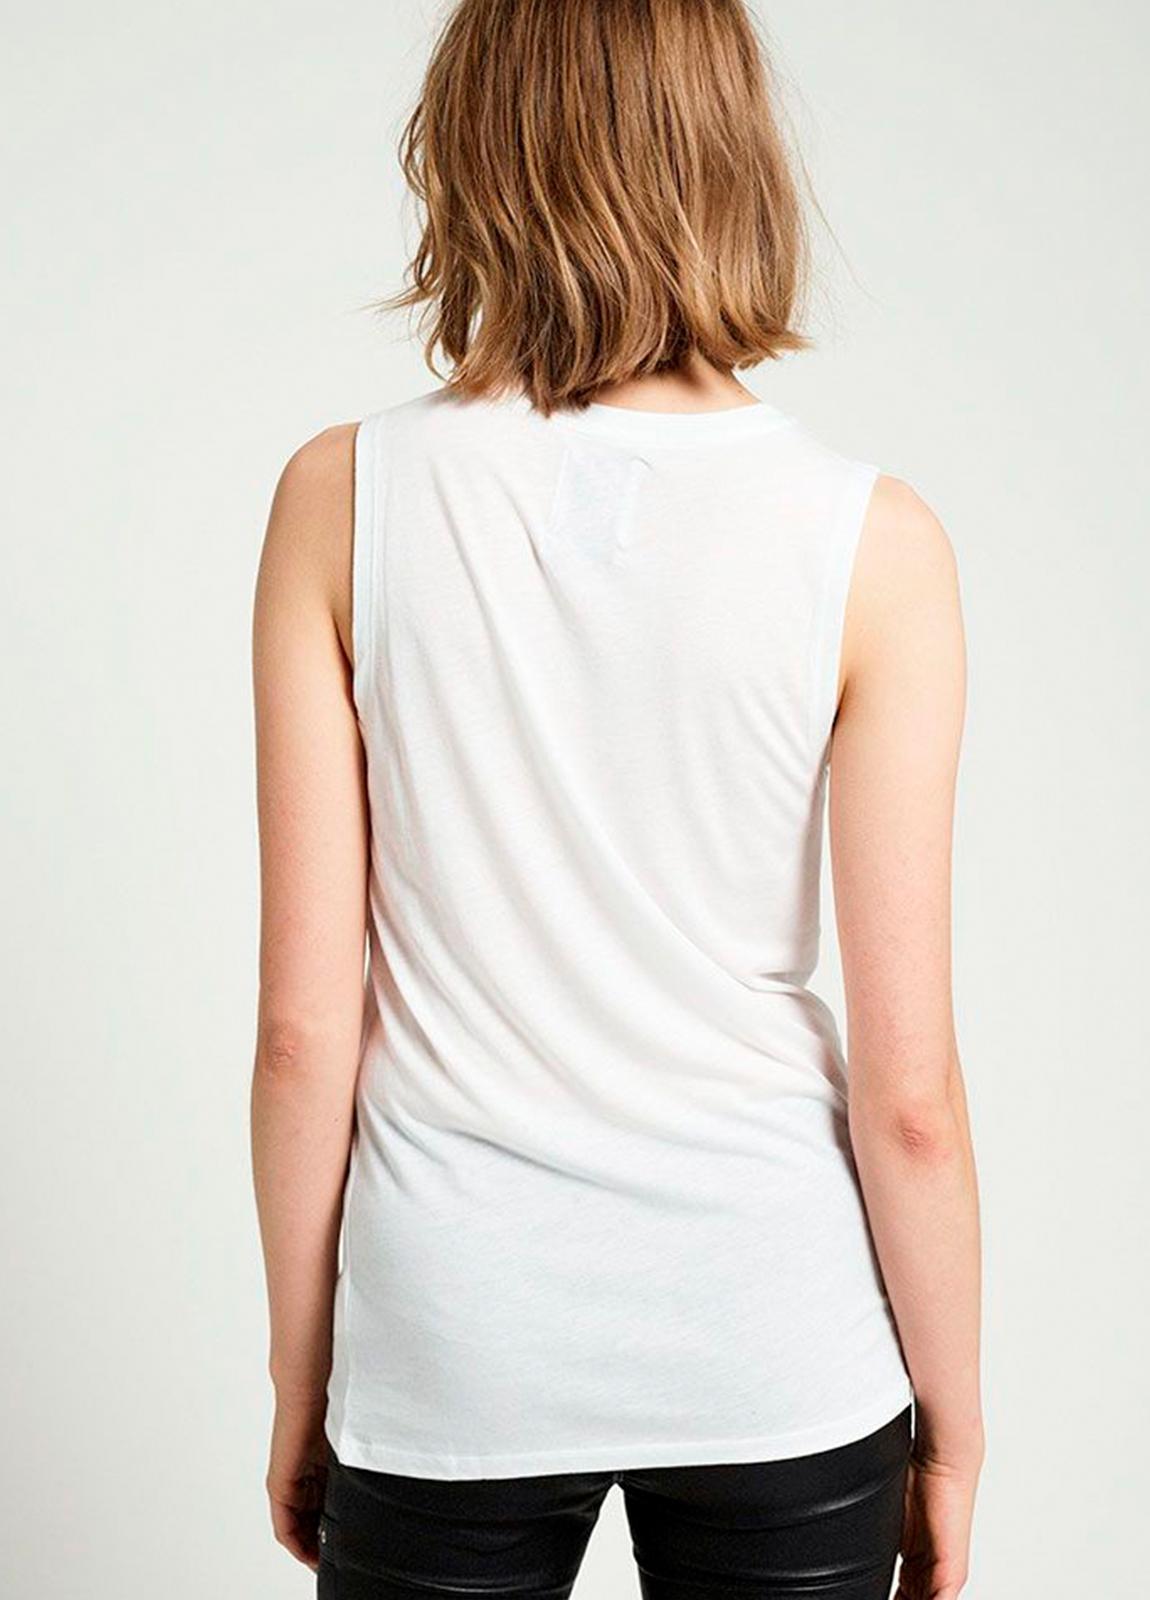 Camiseta sin mangas color blanco con estampado gráfico. 50% Algodón 50% Modal. - Ítem1